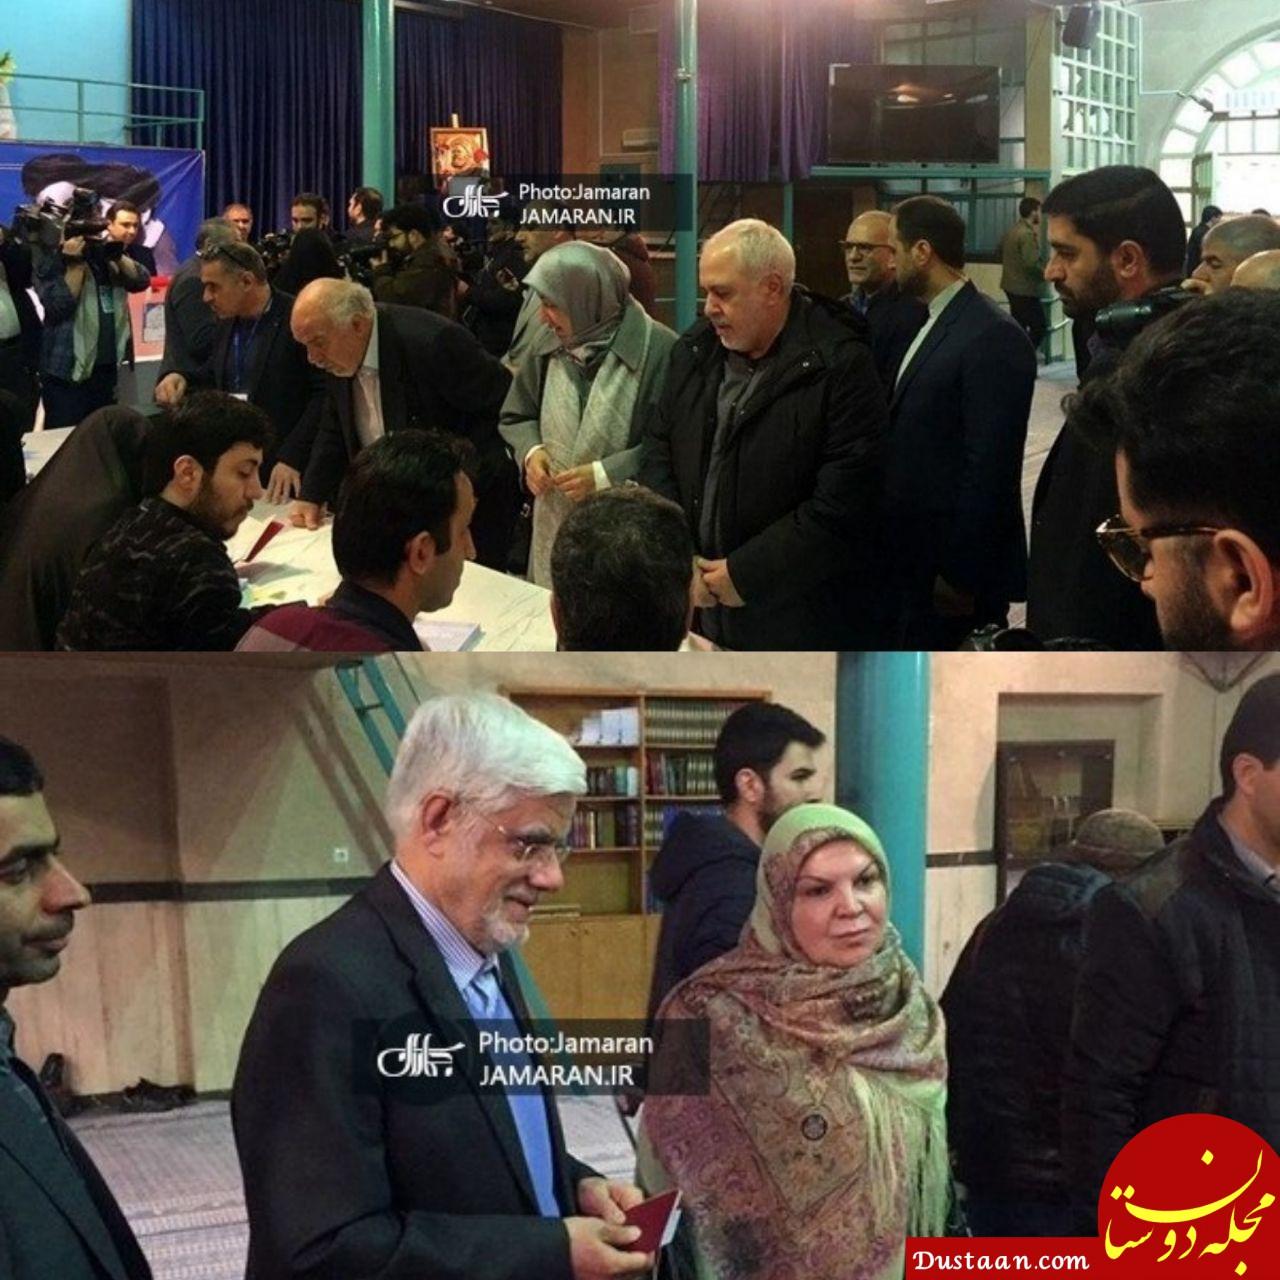 www.dustaan.com ظریف: مردم نمی گذارند یک نفر در واشنگتن برایشان تصمیم بگیرد